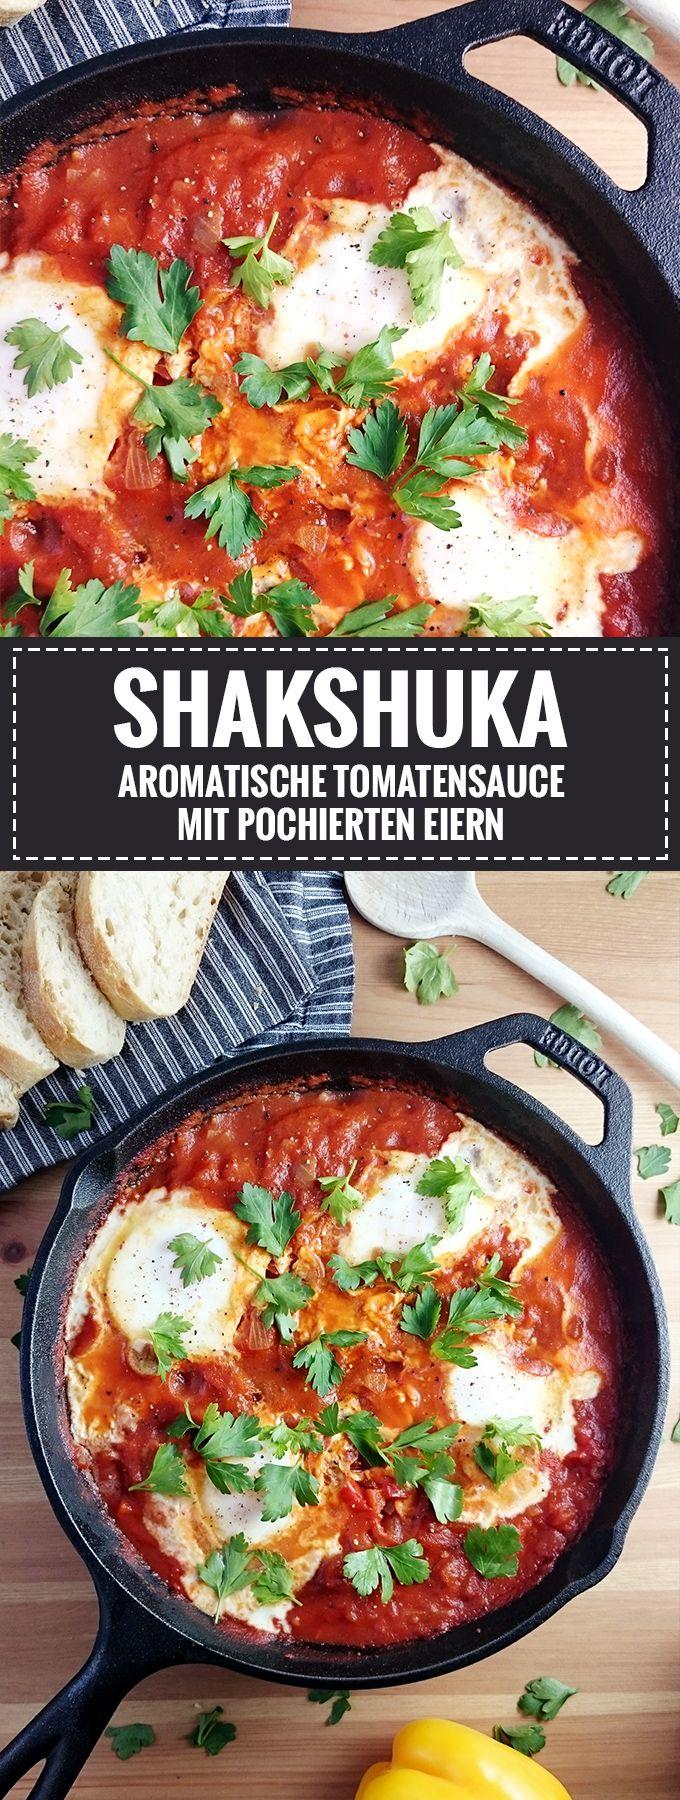 Shakshuka – Aromatische Tomatensauce mit pochierten Eiern // Rezept auf Knabberkult.de #vegetariangrilling